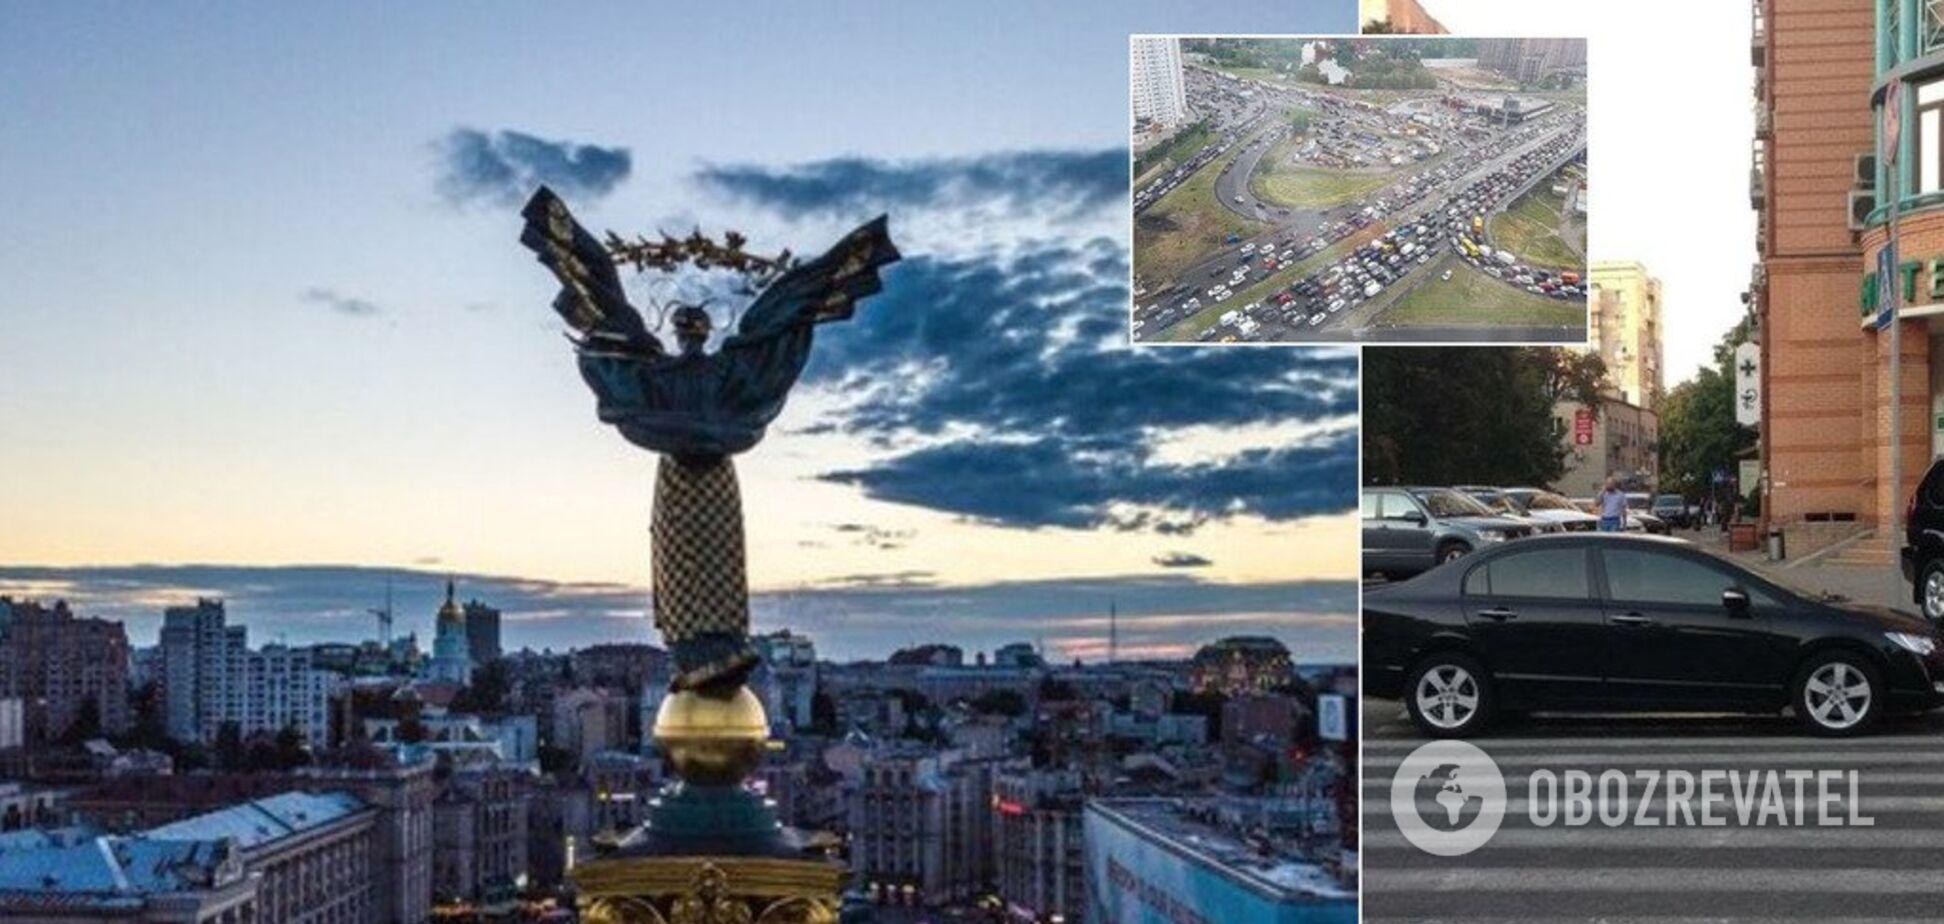 Дальше будет хуже. Почему Киев бьет мировые рекорды по пробкам